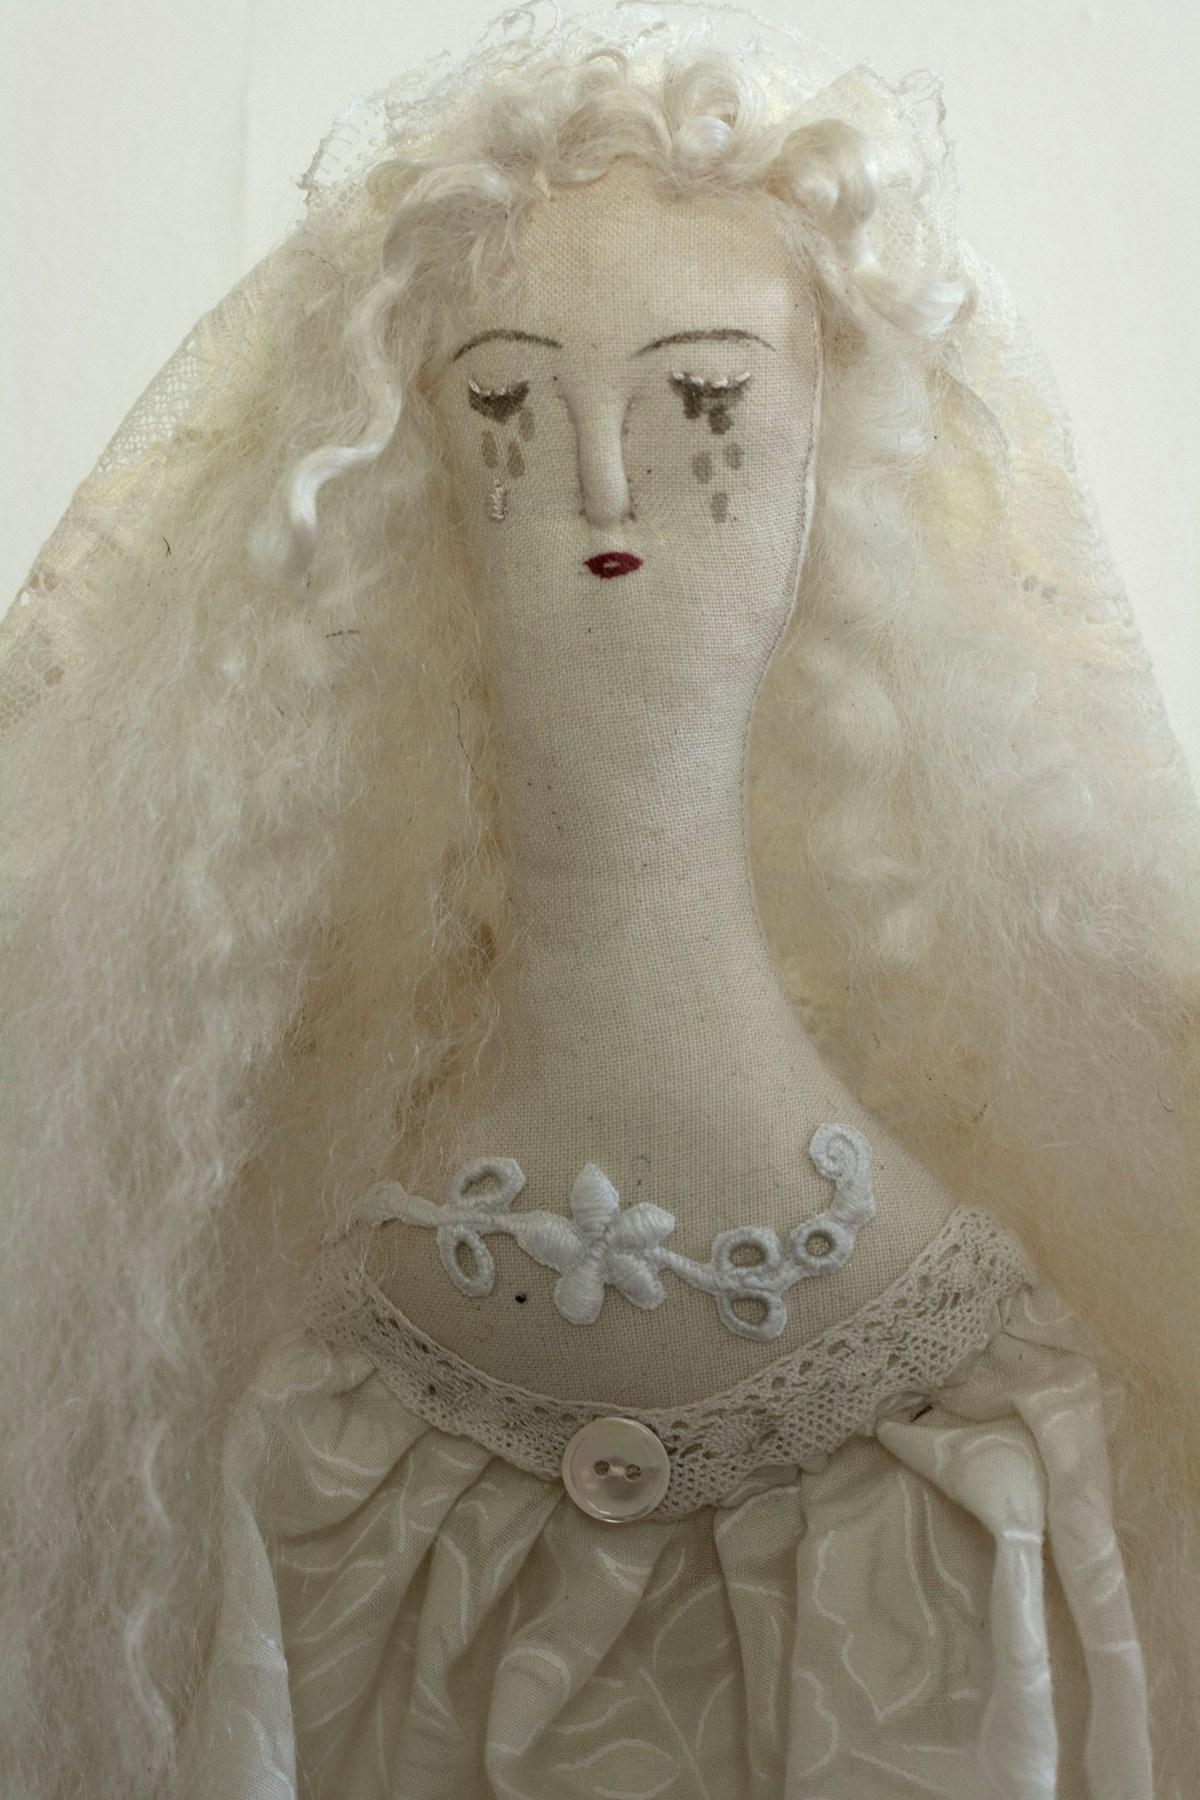 ghost-dolls-04